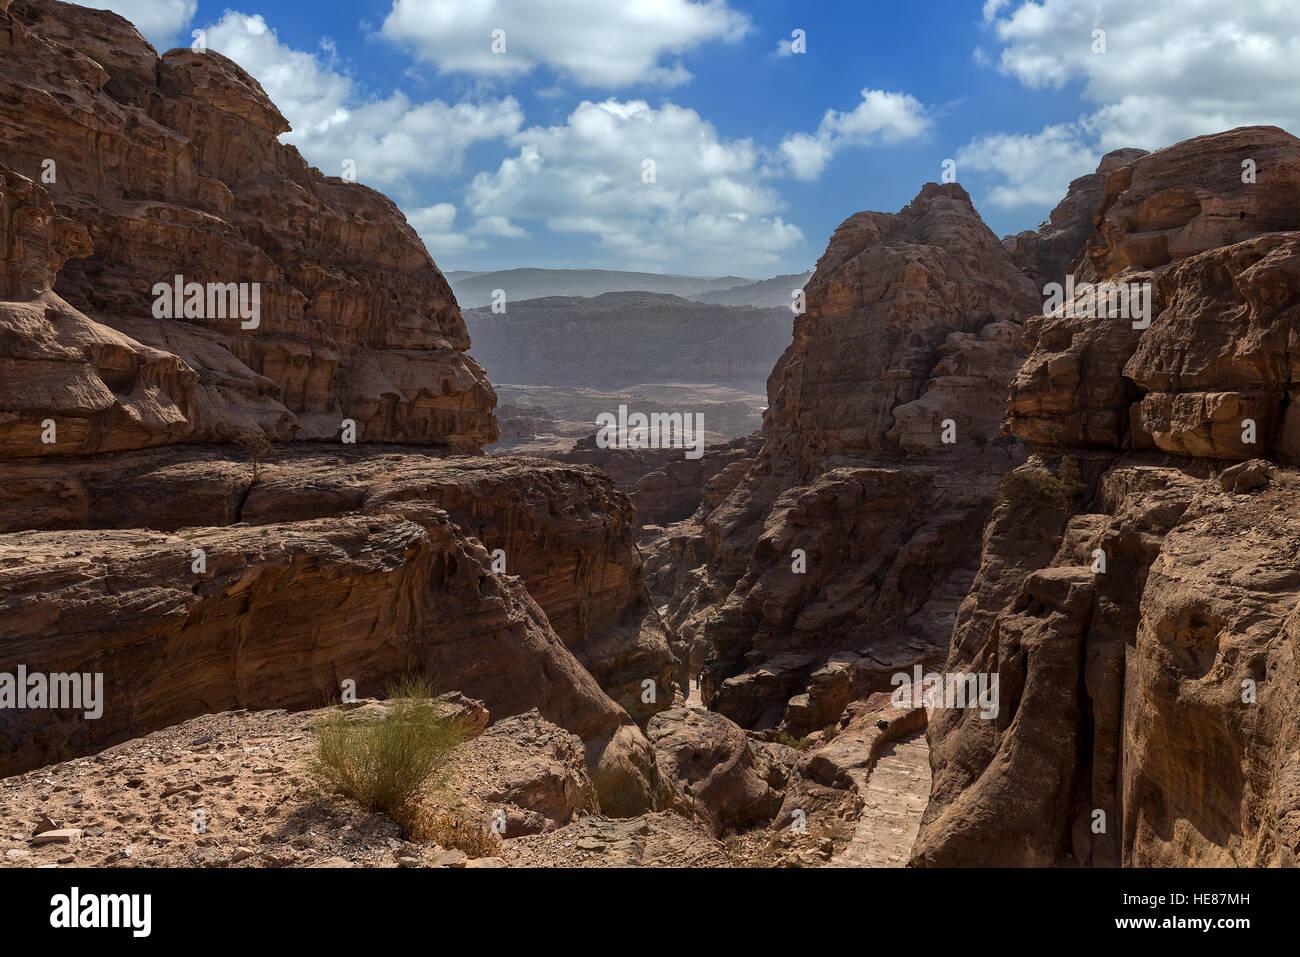 Splendide rocce e natura in Petra, Giordania Immagini Stock